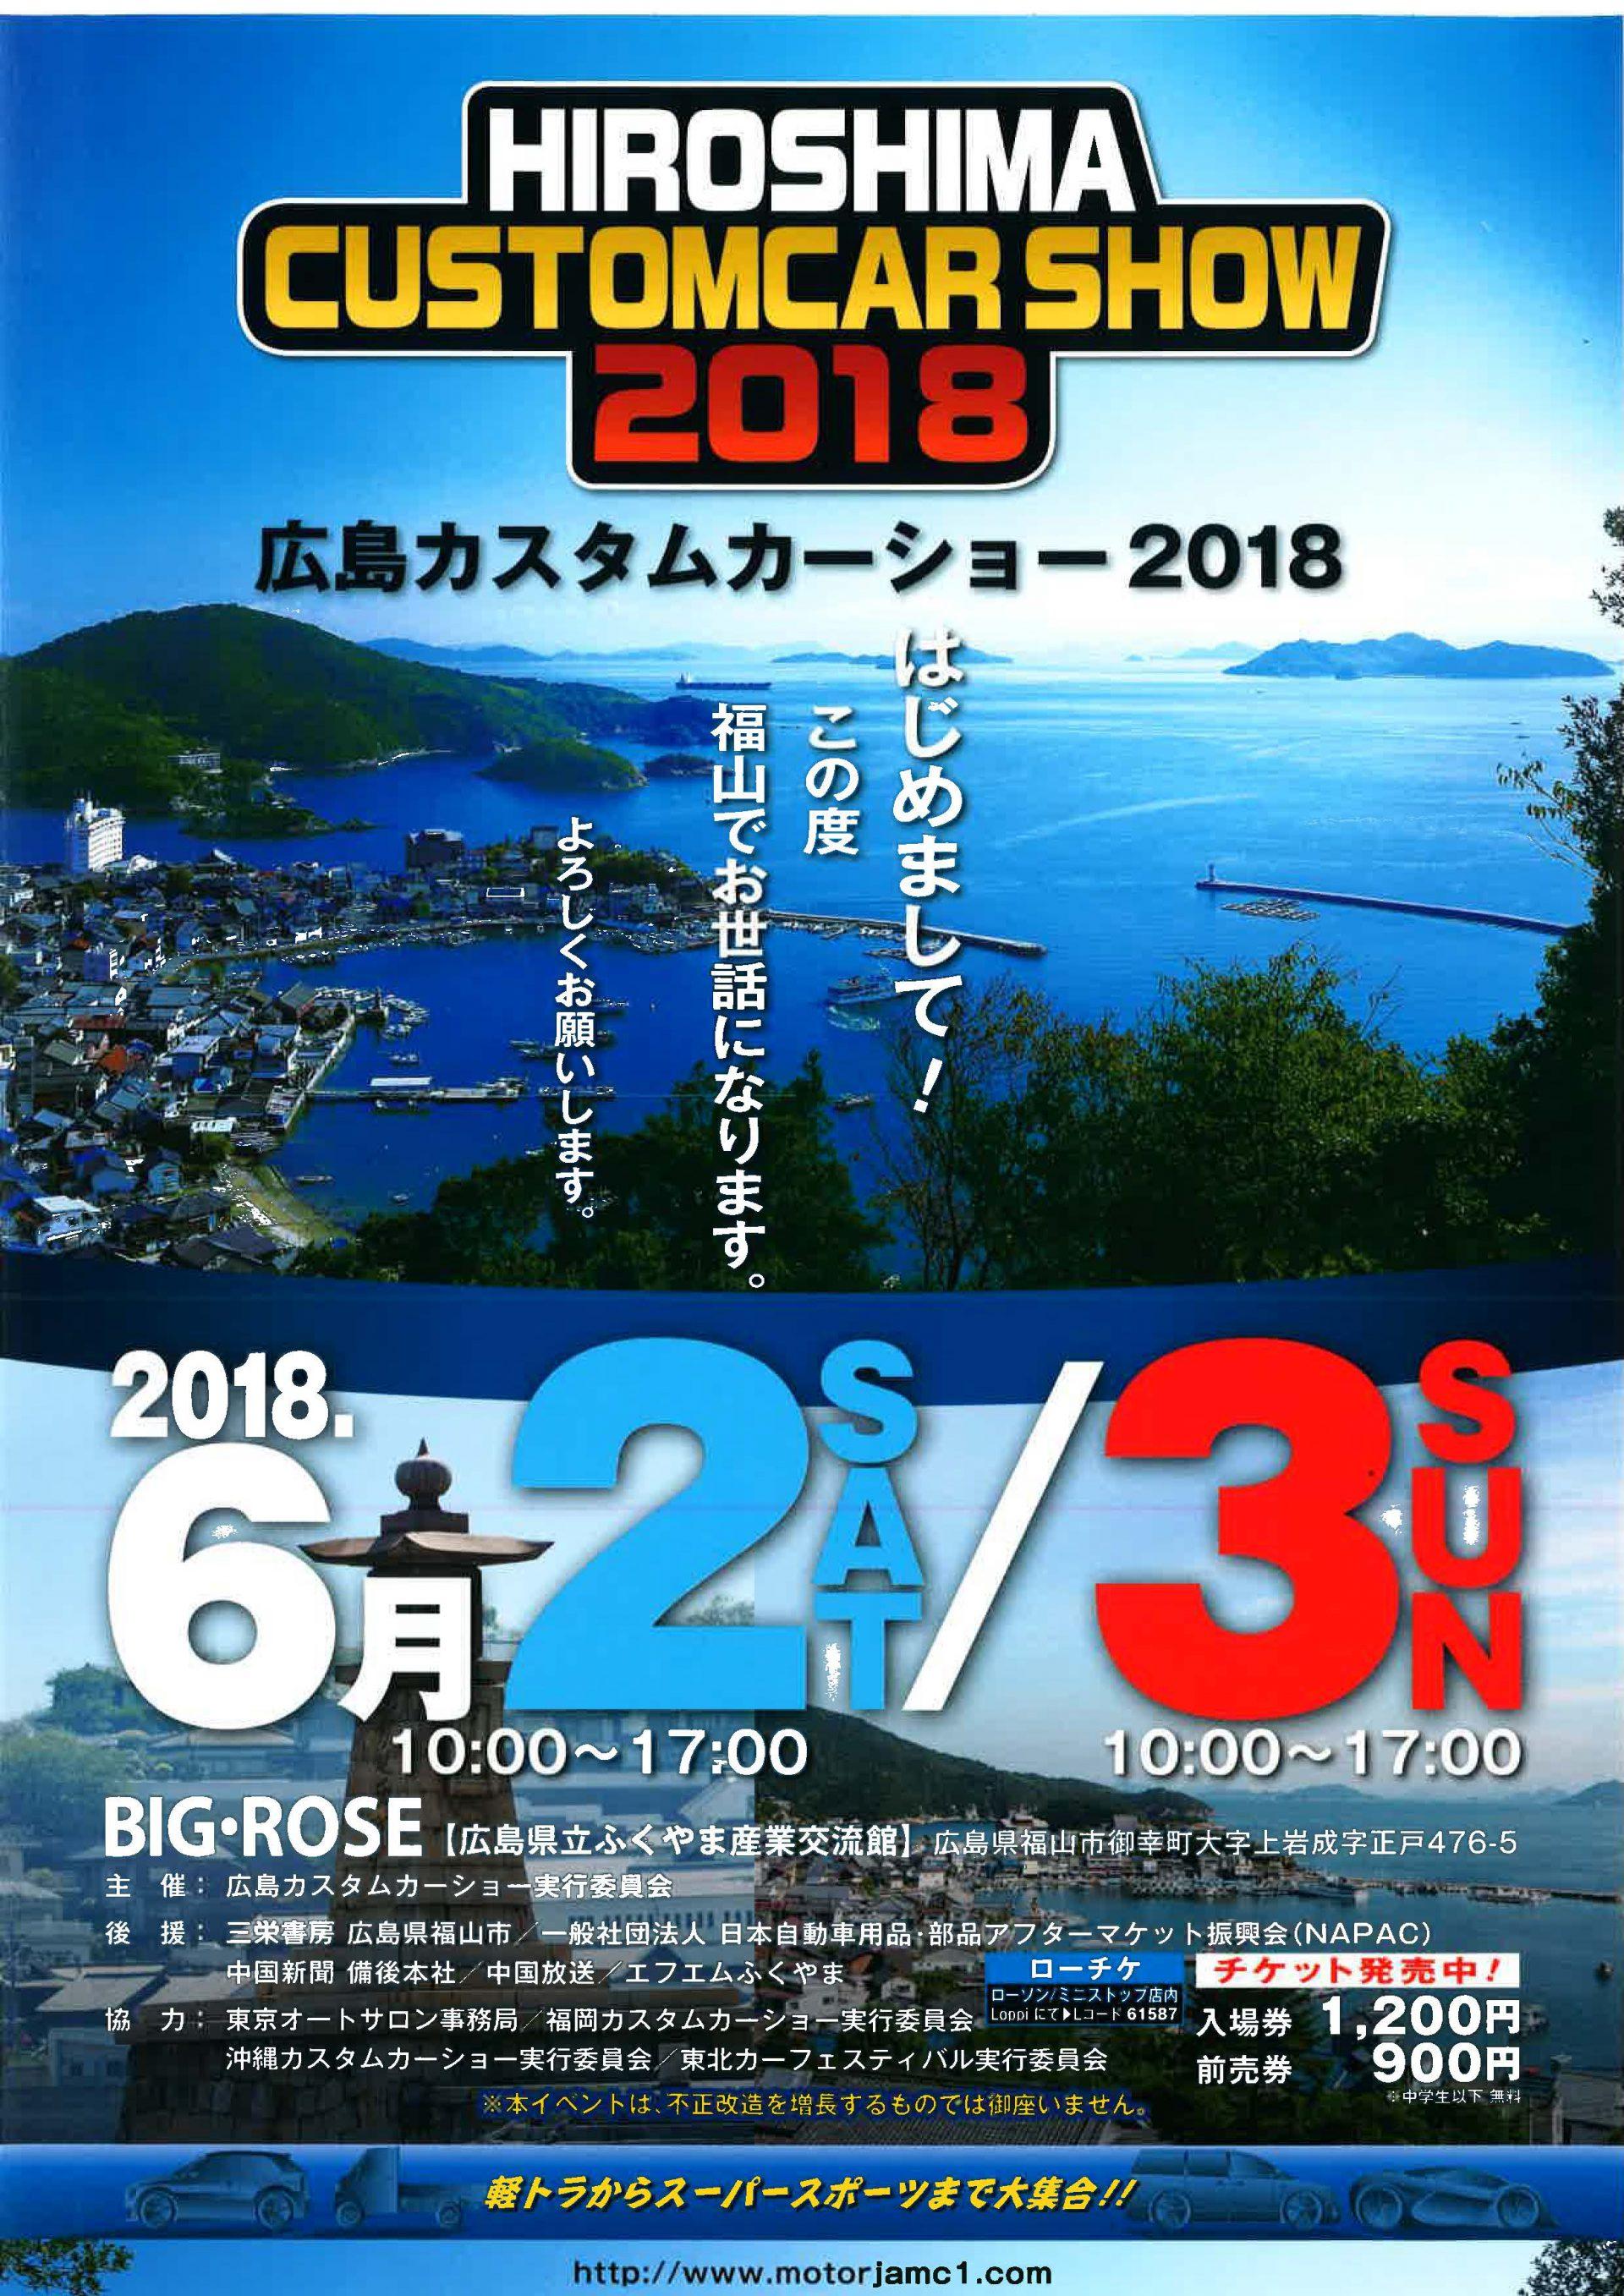 広島カスタムカーショー